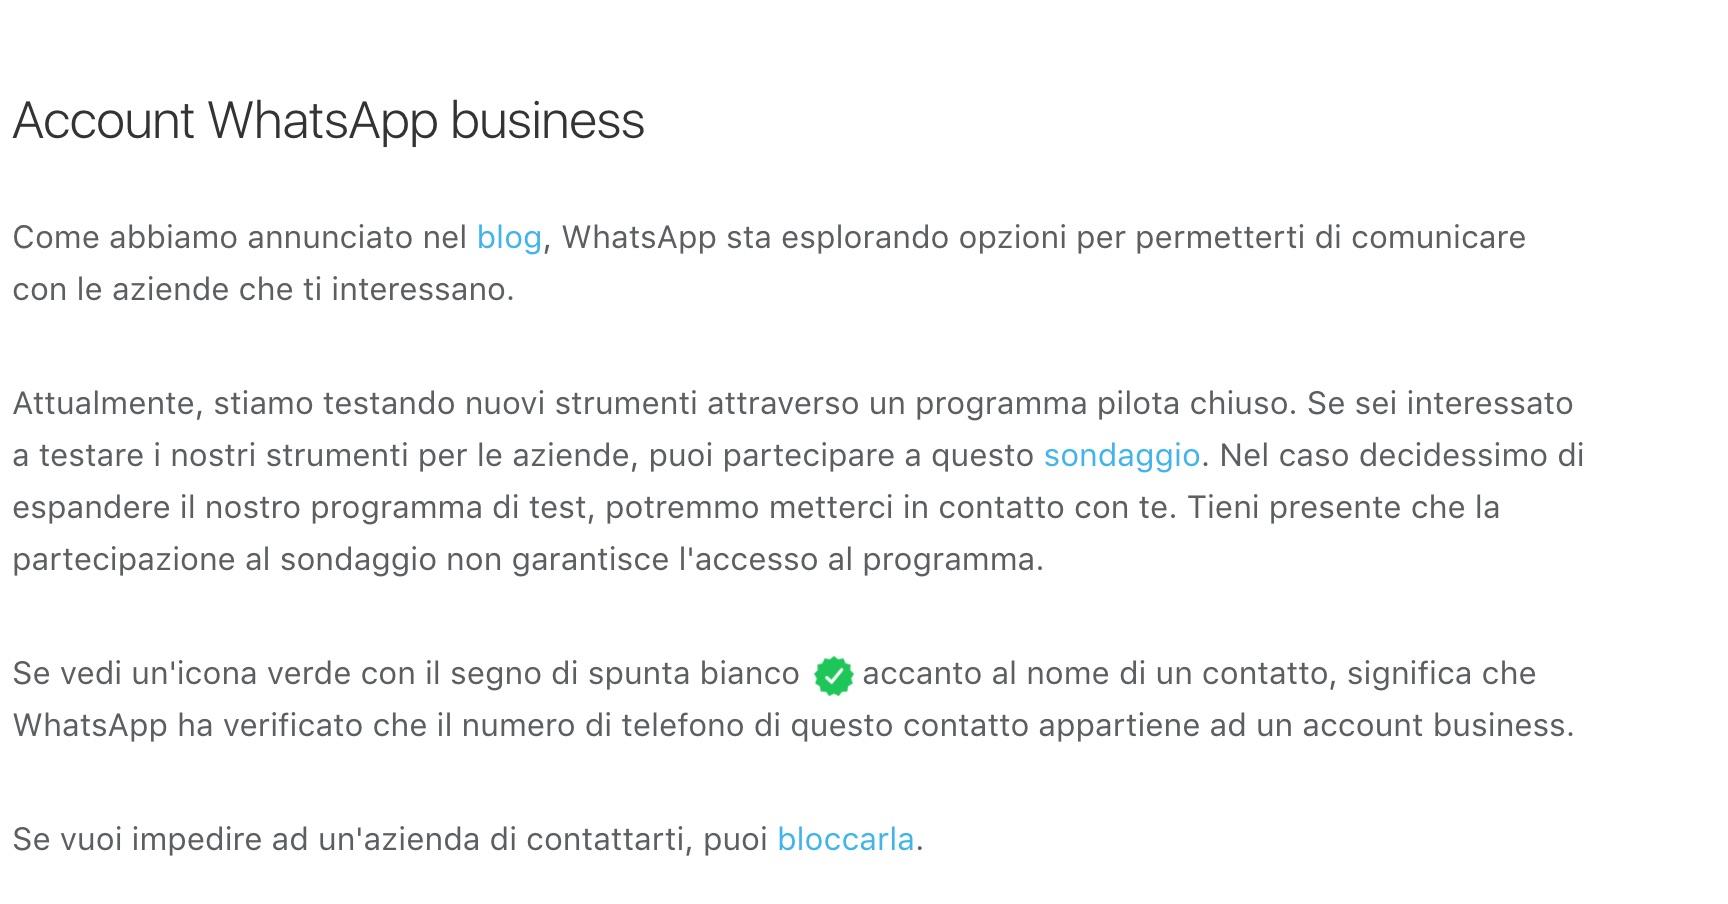 WhatsApp BUSINESS apre le porte alle aziende con la sua versione Aziendale